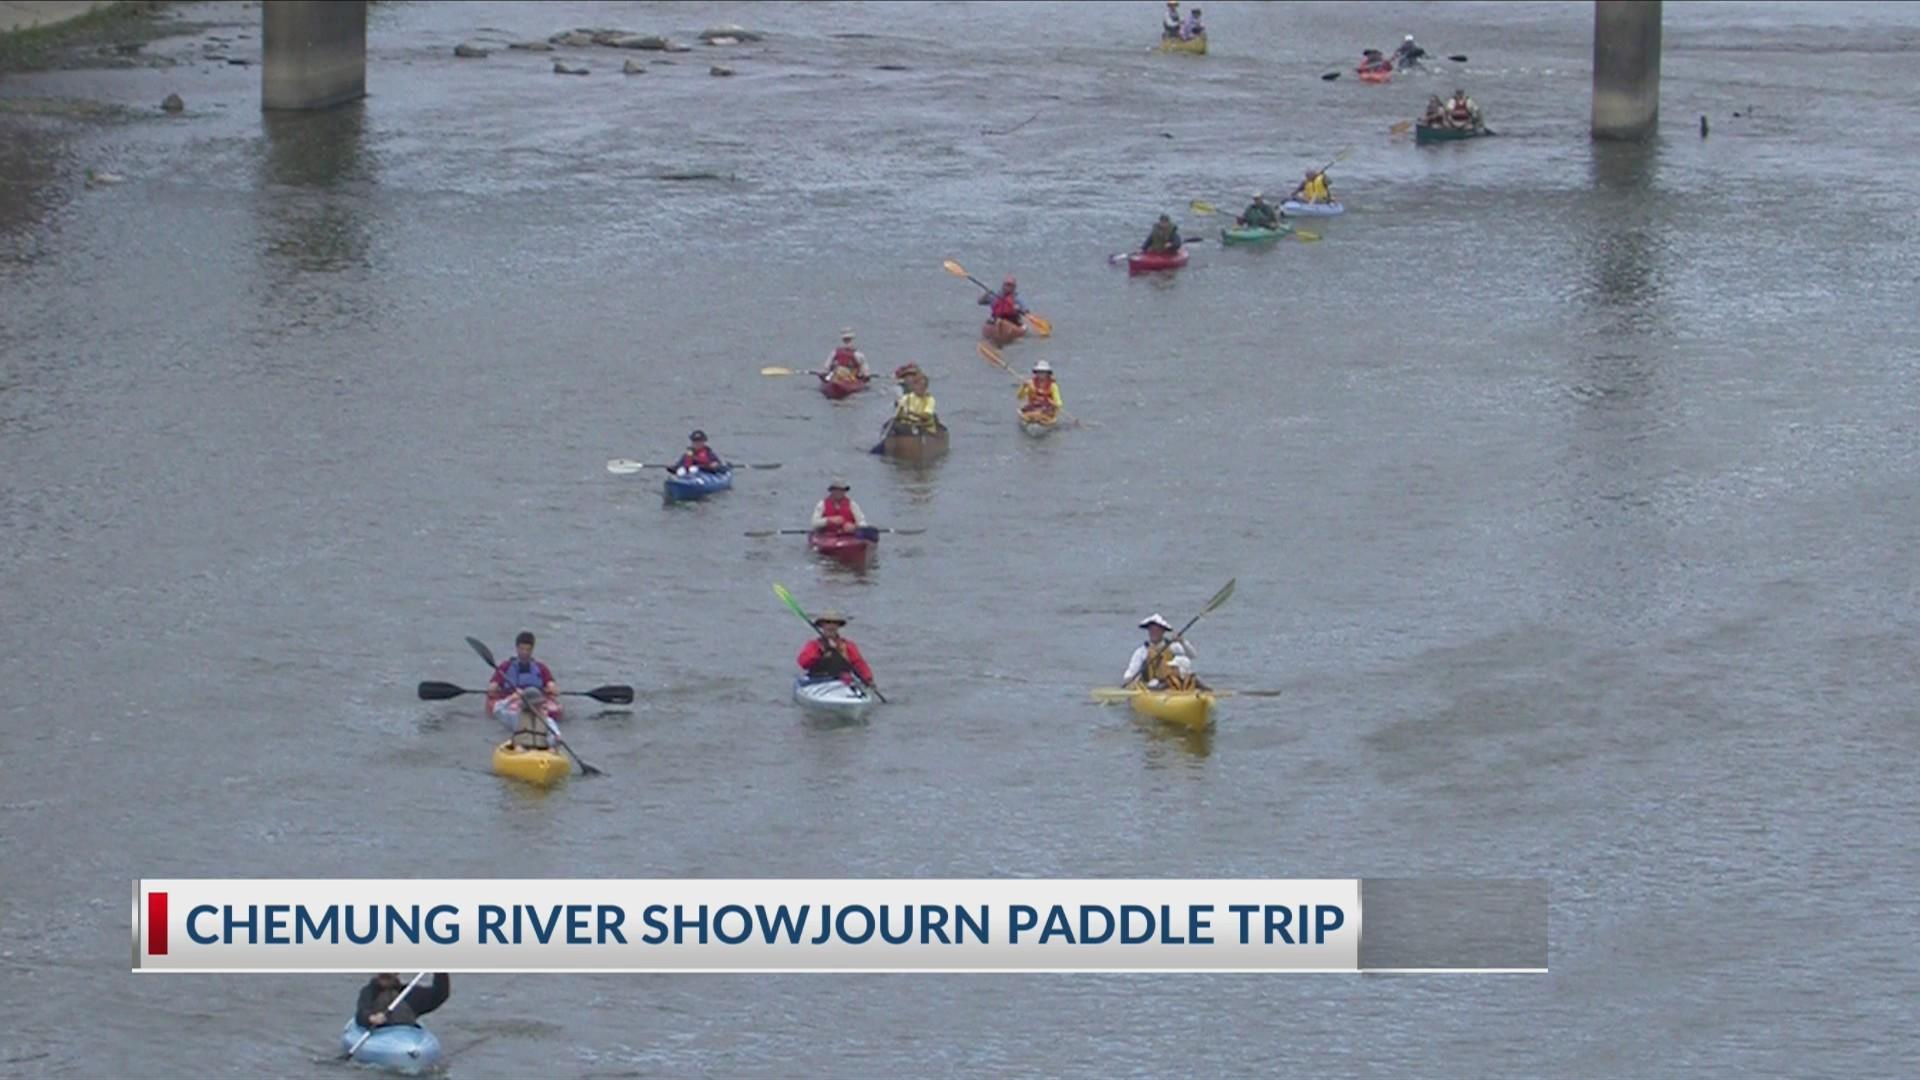 Chemung River Showjourn  Paddle Trip